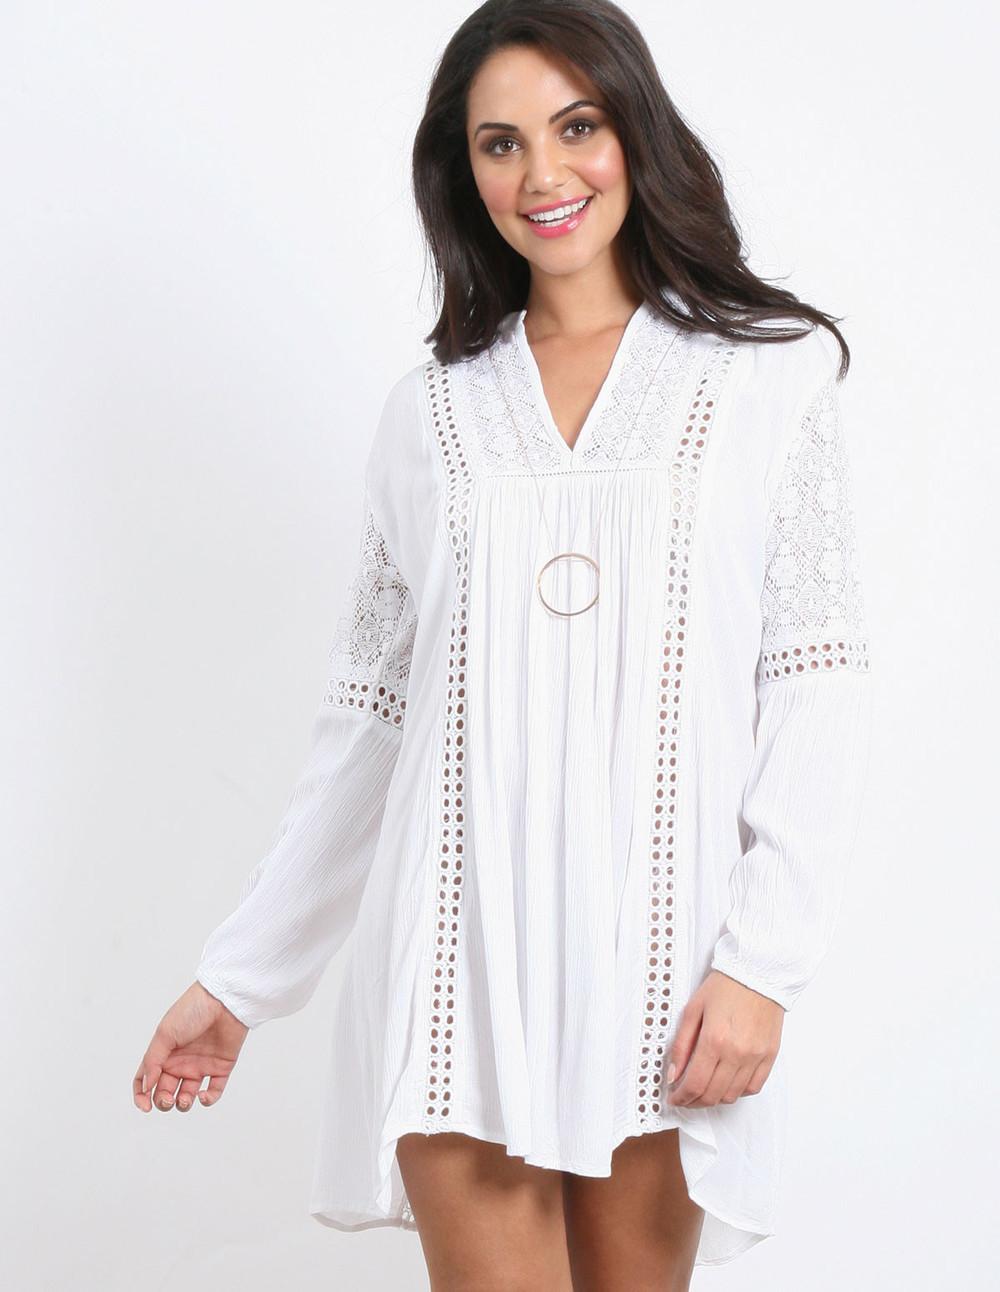 Blue Vanilla BILLIE - Ladder Trim Tunic Dress in white